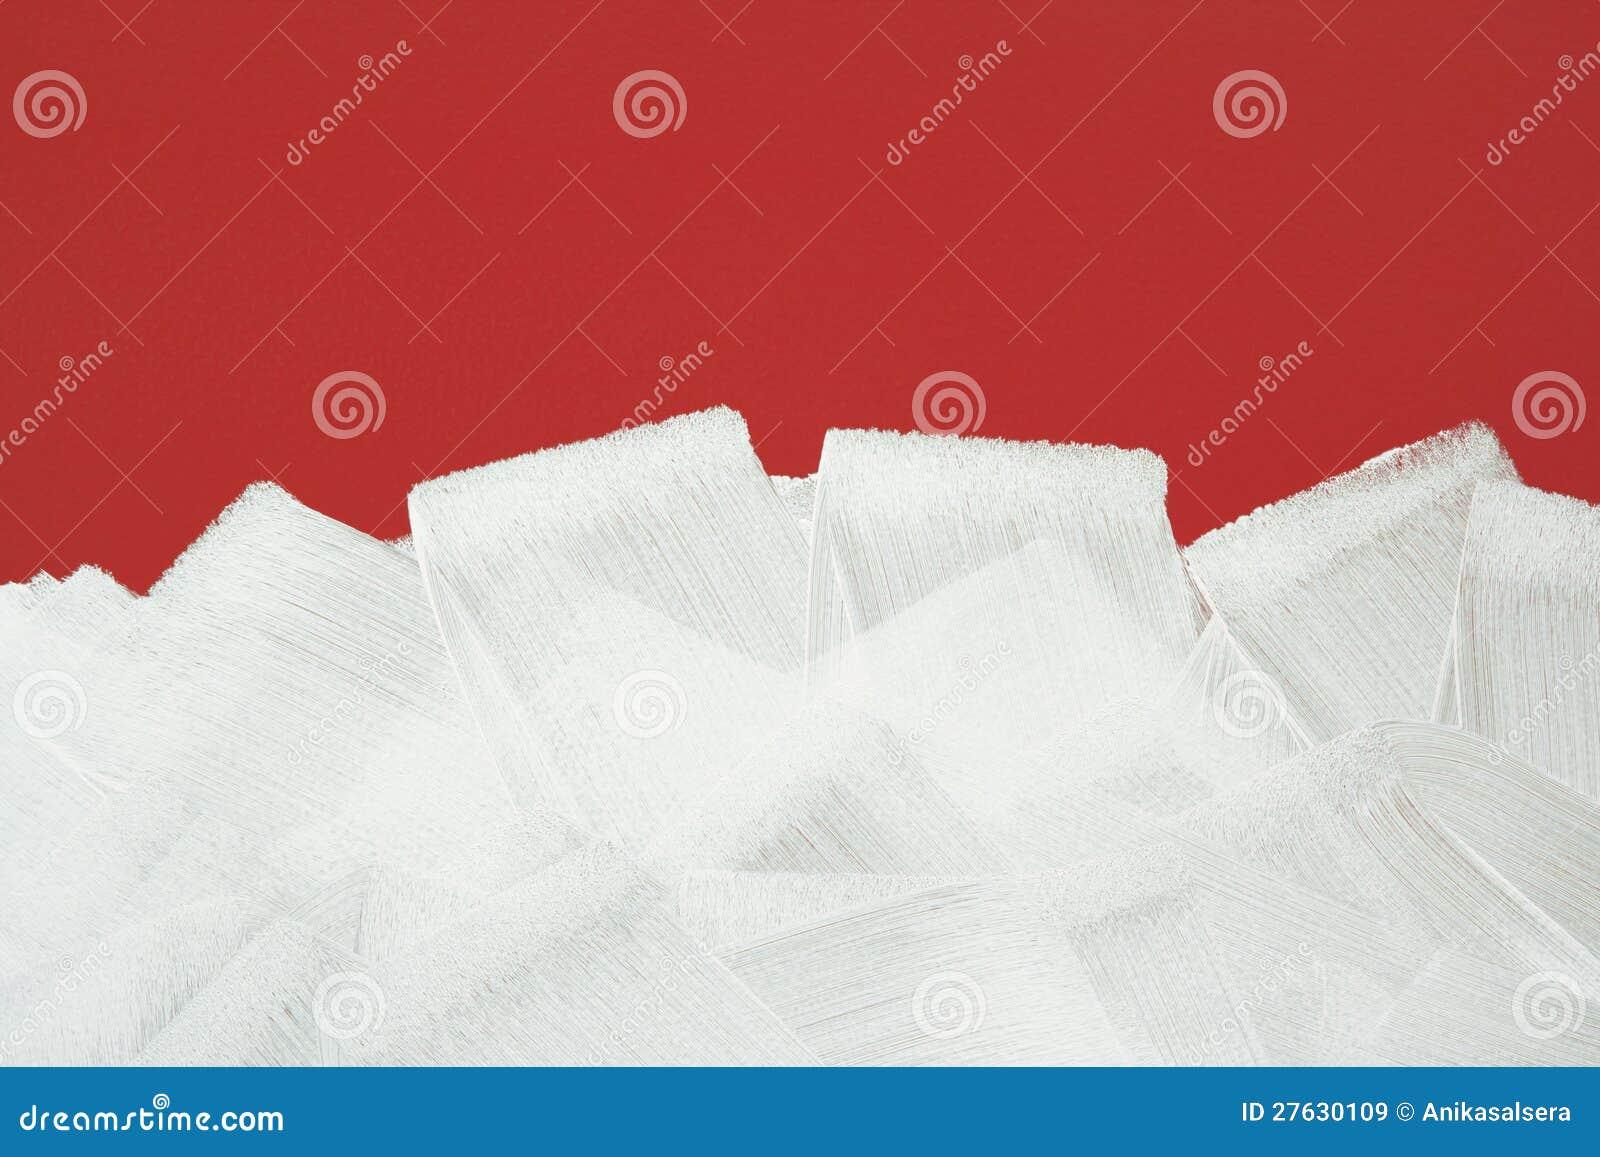 Rote Wand gemalt im Weiß mit Lackrolle